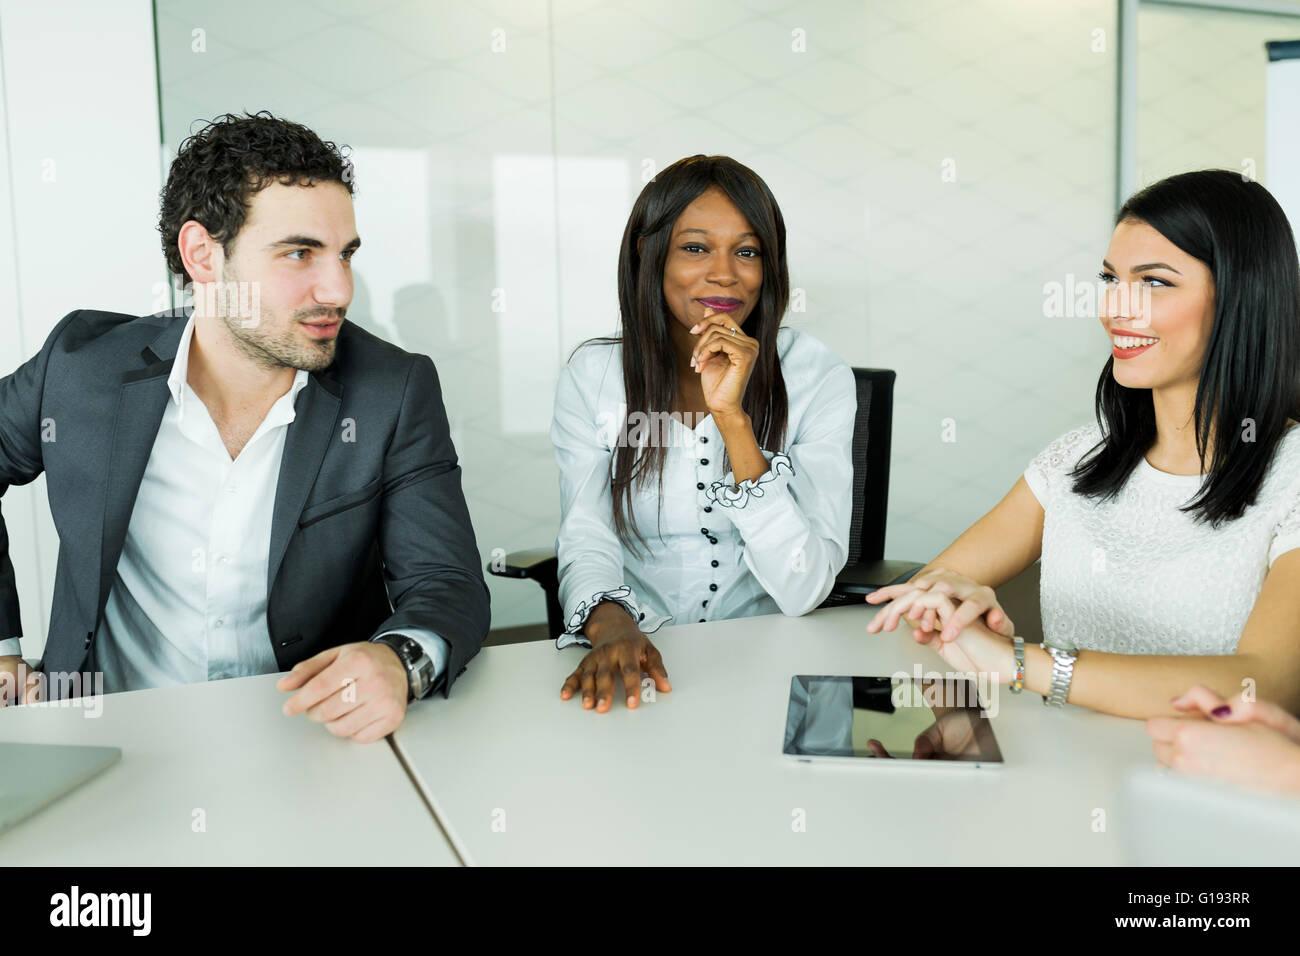 Hablar de negocios mientras está sentado en una mesa y discutir los resultados Imagen De Stock